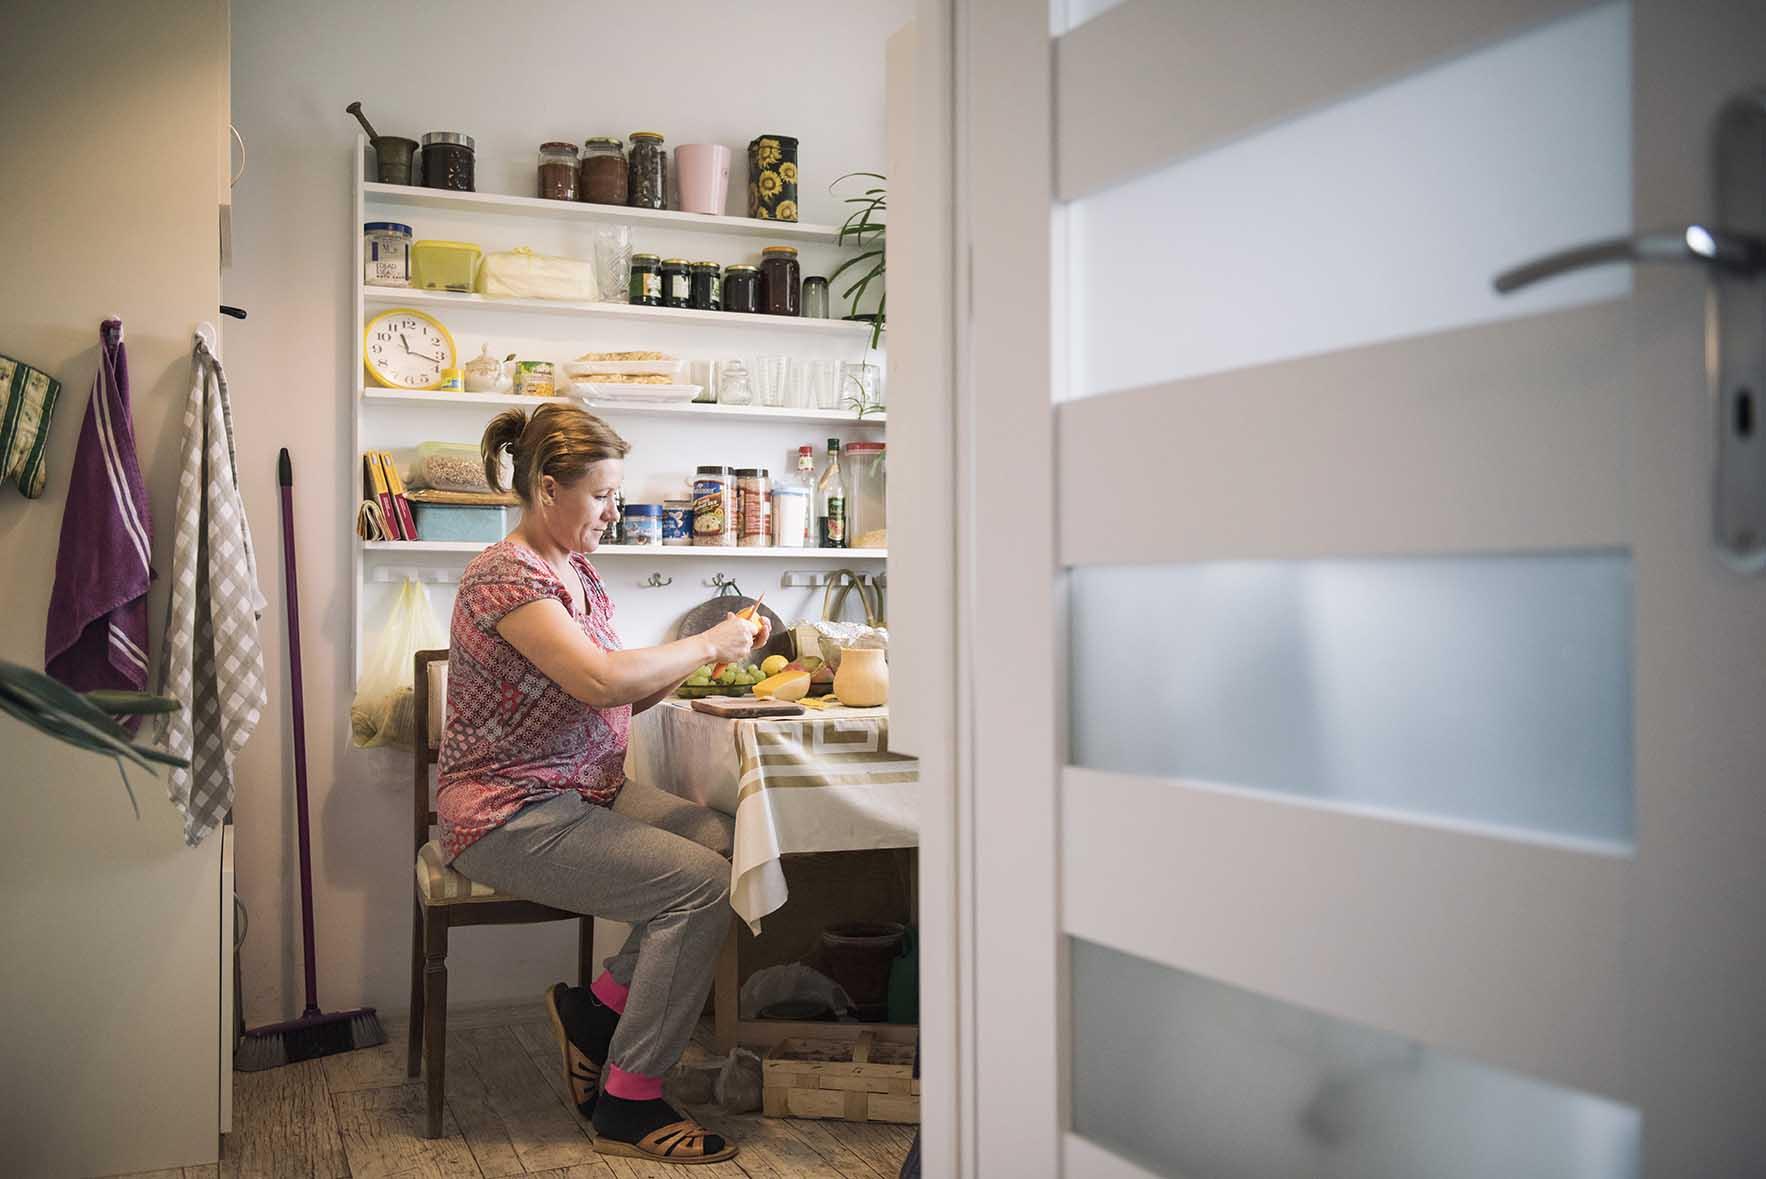 Od 7 lat, w każdą sobotę z pomocą przychodzi Pani Halina, Ukrainka. Sprząta i pomaga w gotowaniu.